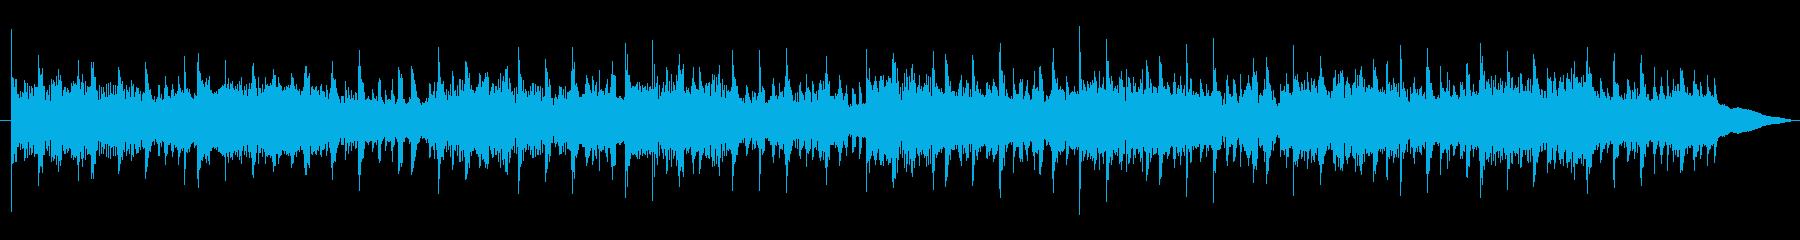 電気楽器。確実で確実な配達。声のサ...の再生済みの波形